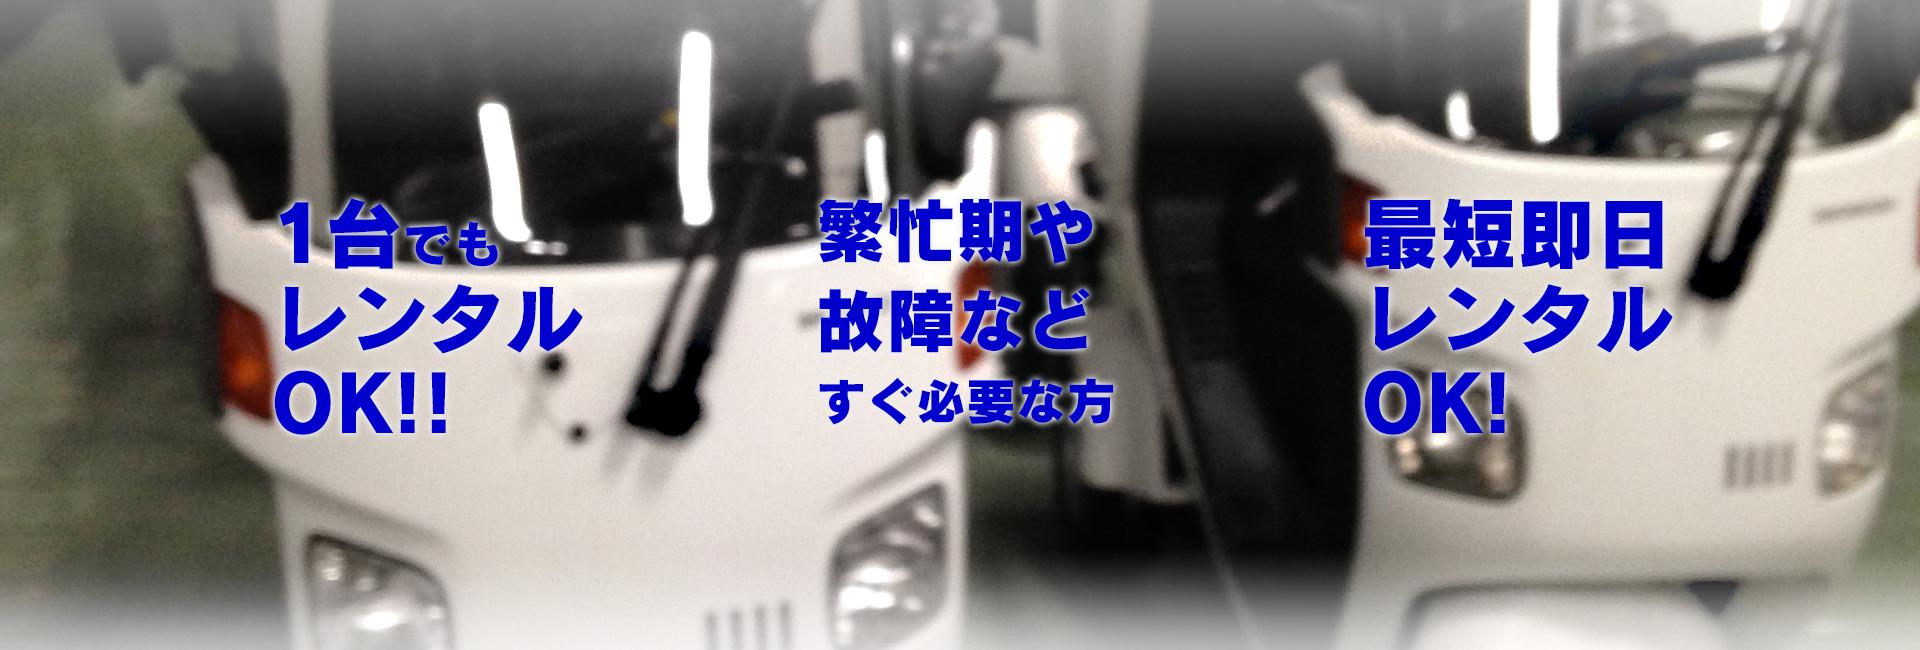 ビジネス・宅配・デリバリー業務用バイクのFPレンタルバイク|フットプリント